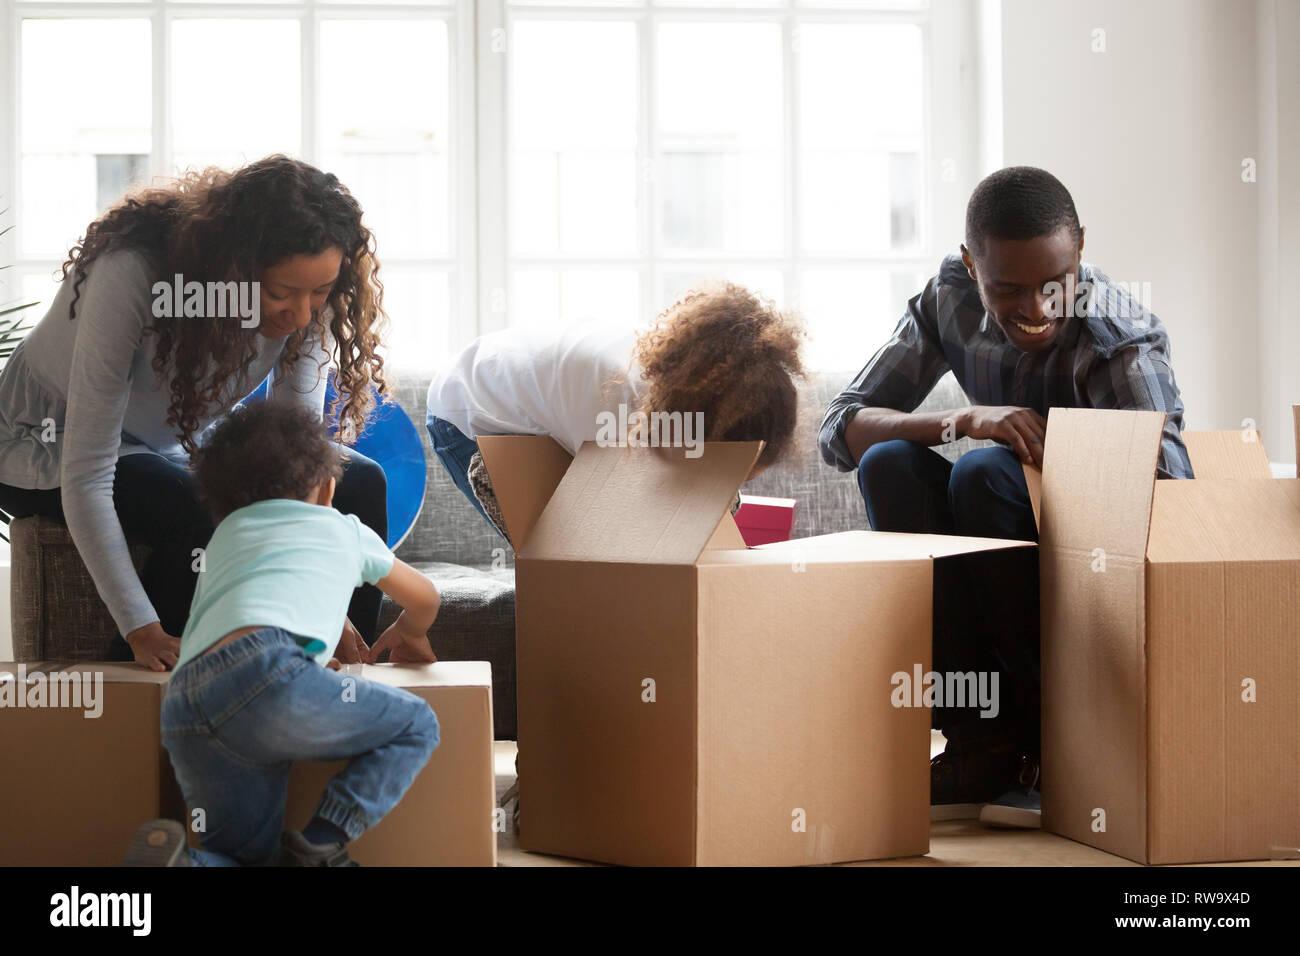 Nero felice famiglia con bambini piccoli disimballare le caselle Immagini Stock